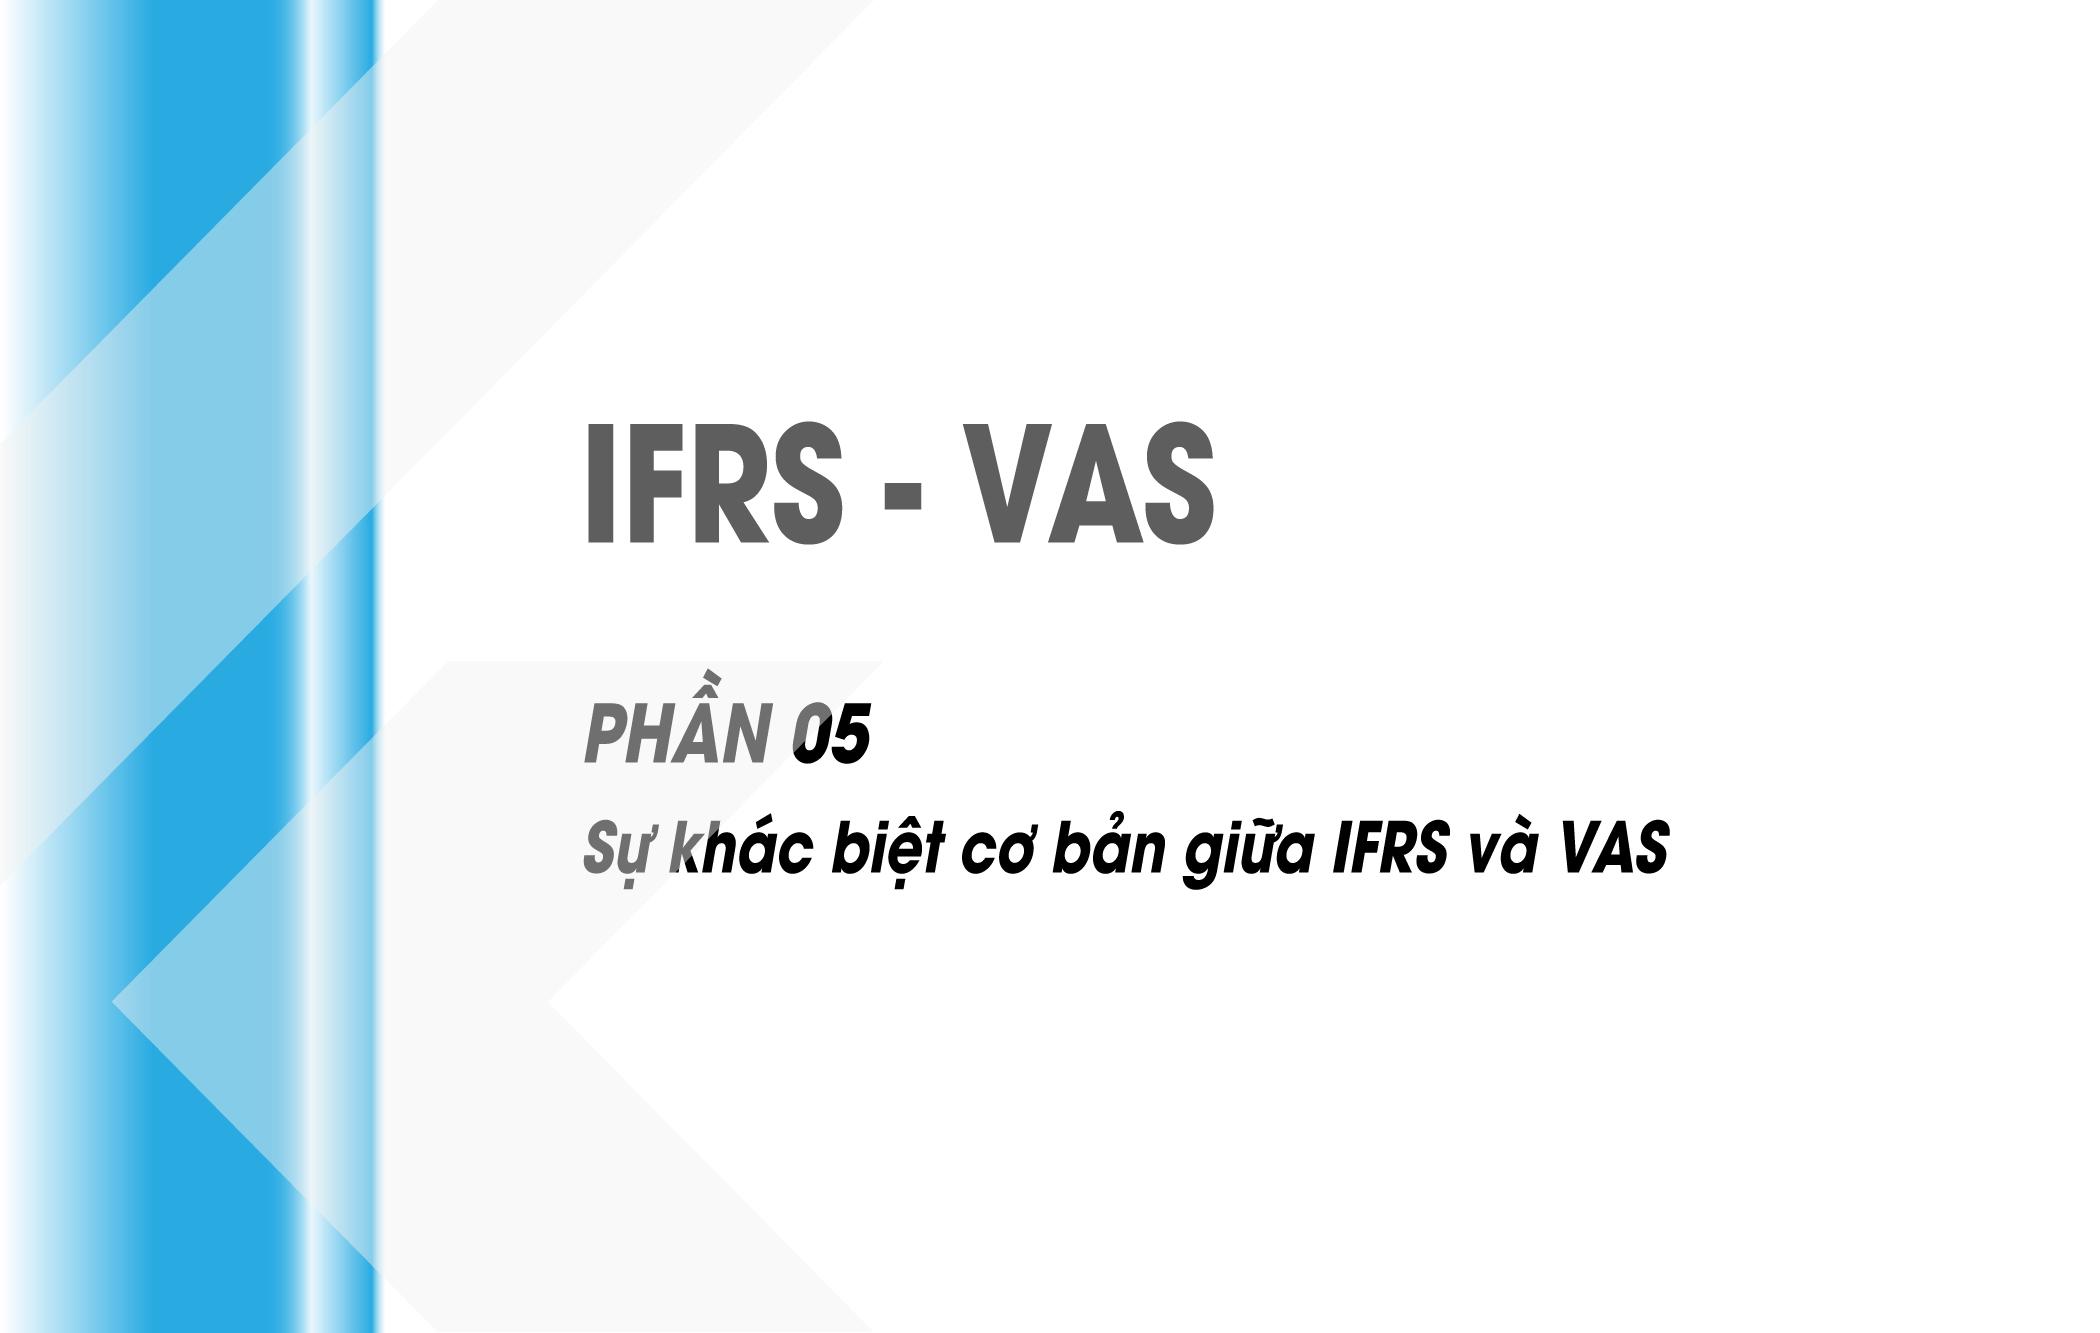 Phần 05 - Sự khác biệt giữa IFRS và VAS